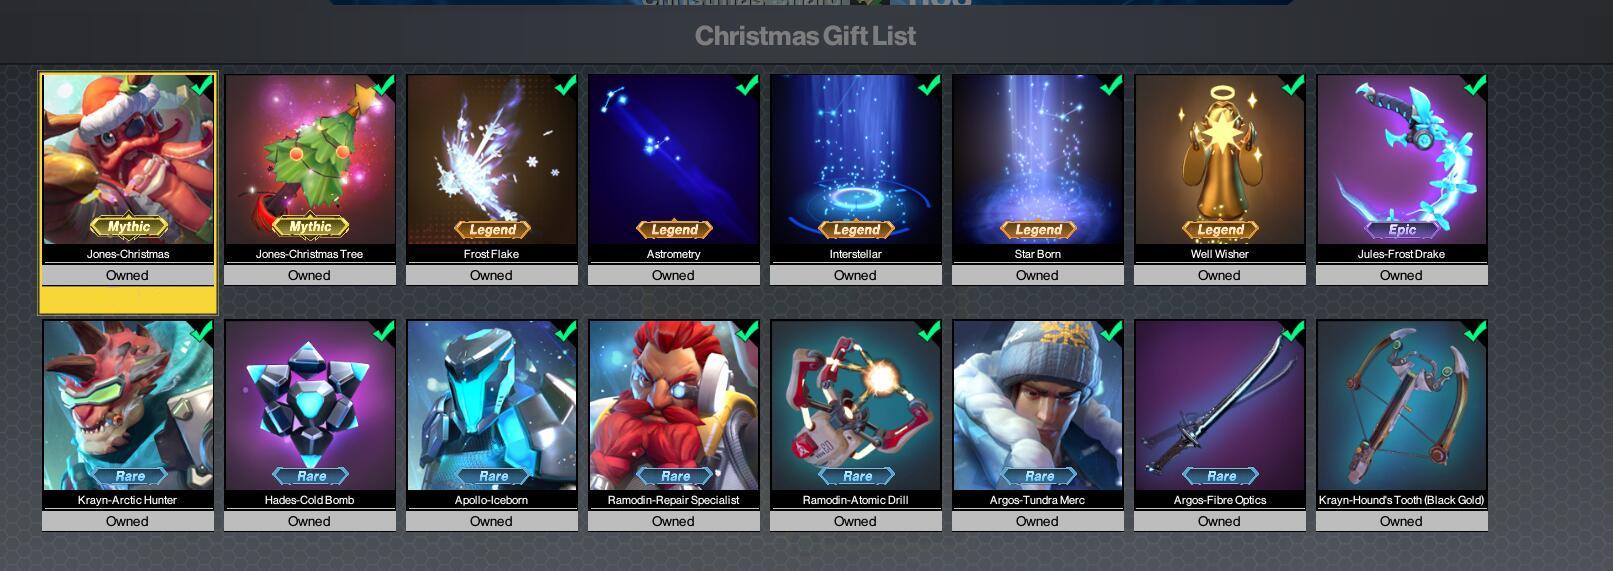 圣诞礼盒2英文_副本.jpg